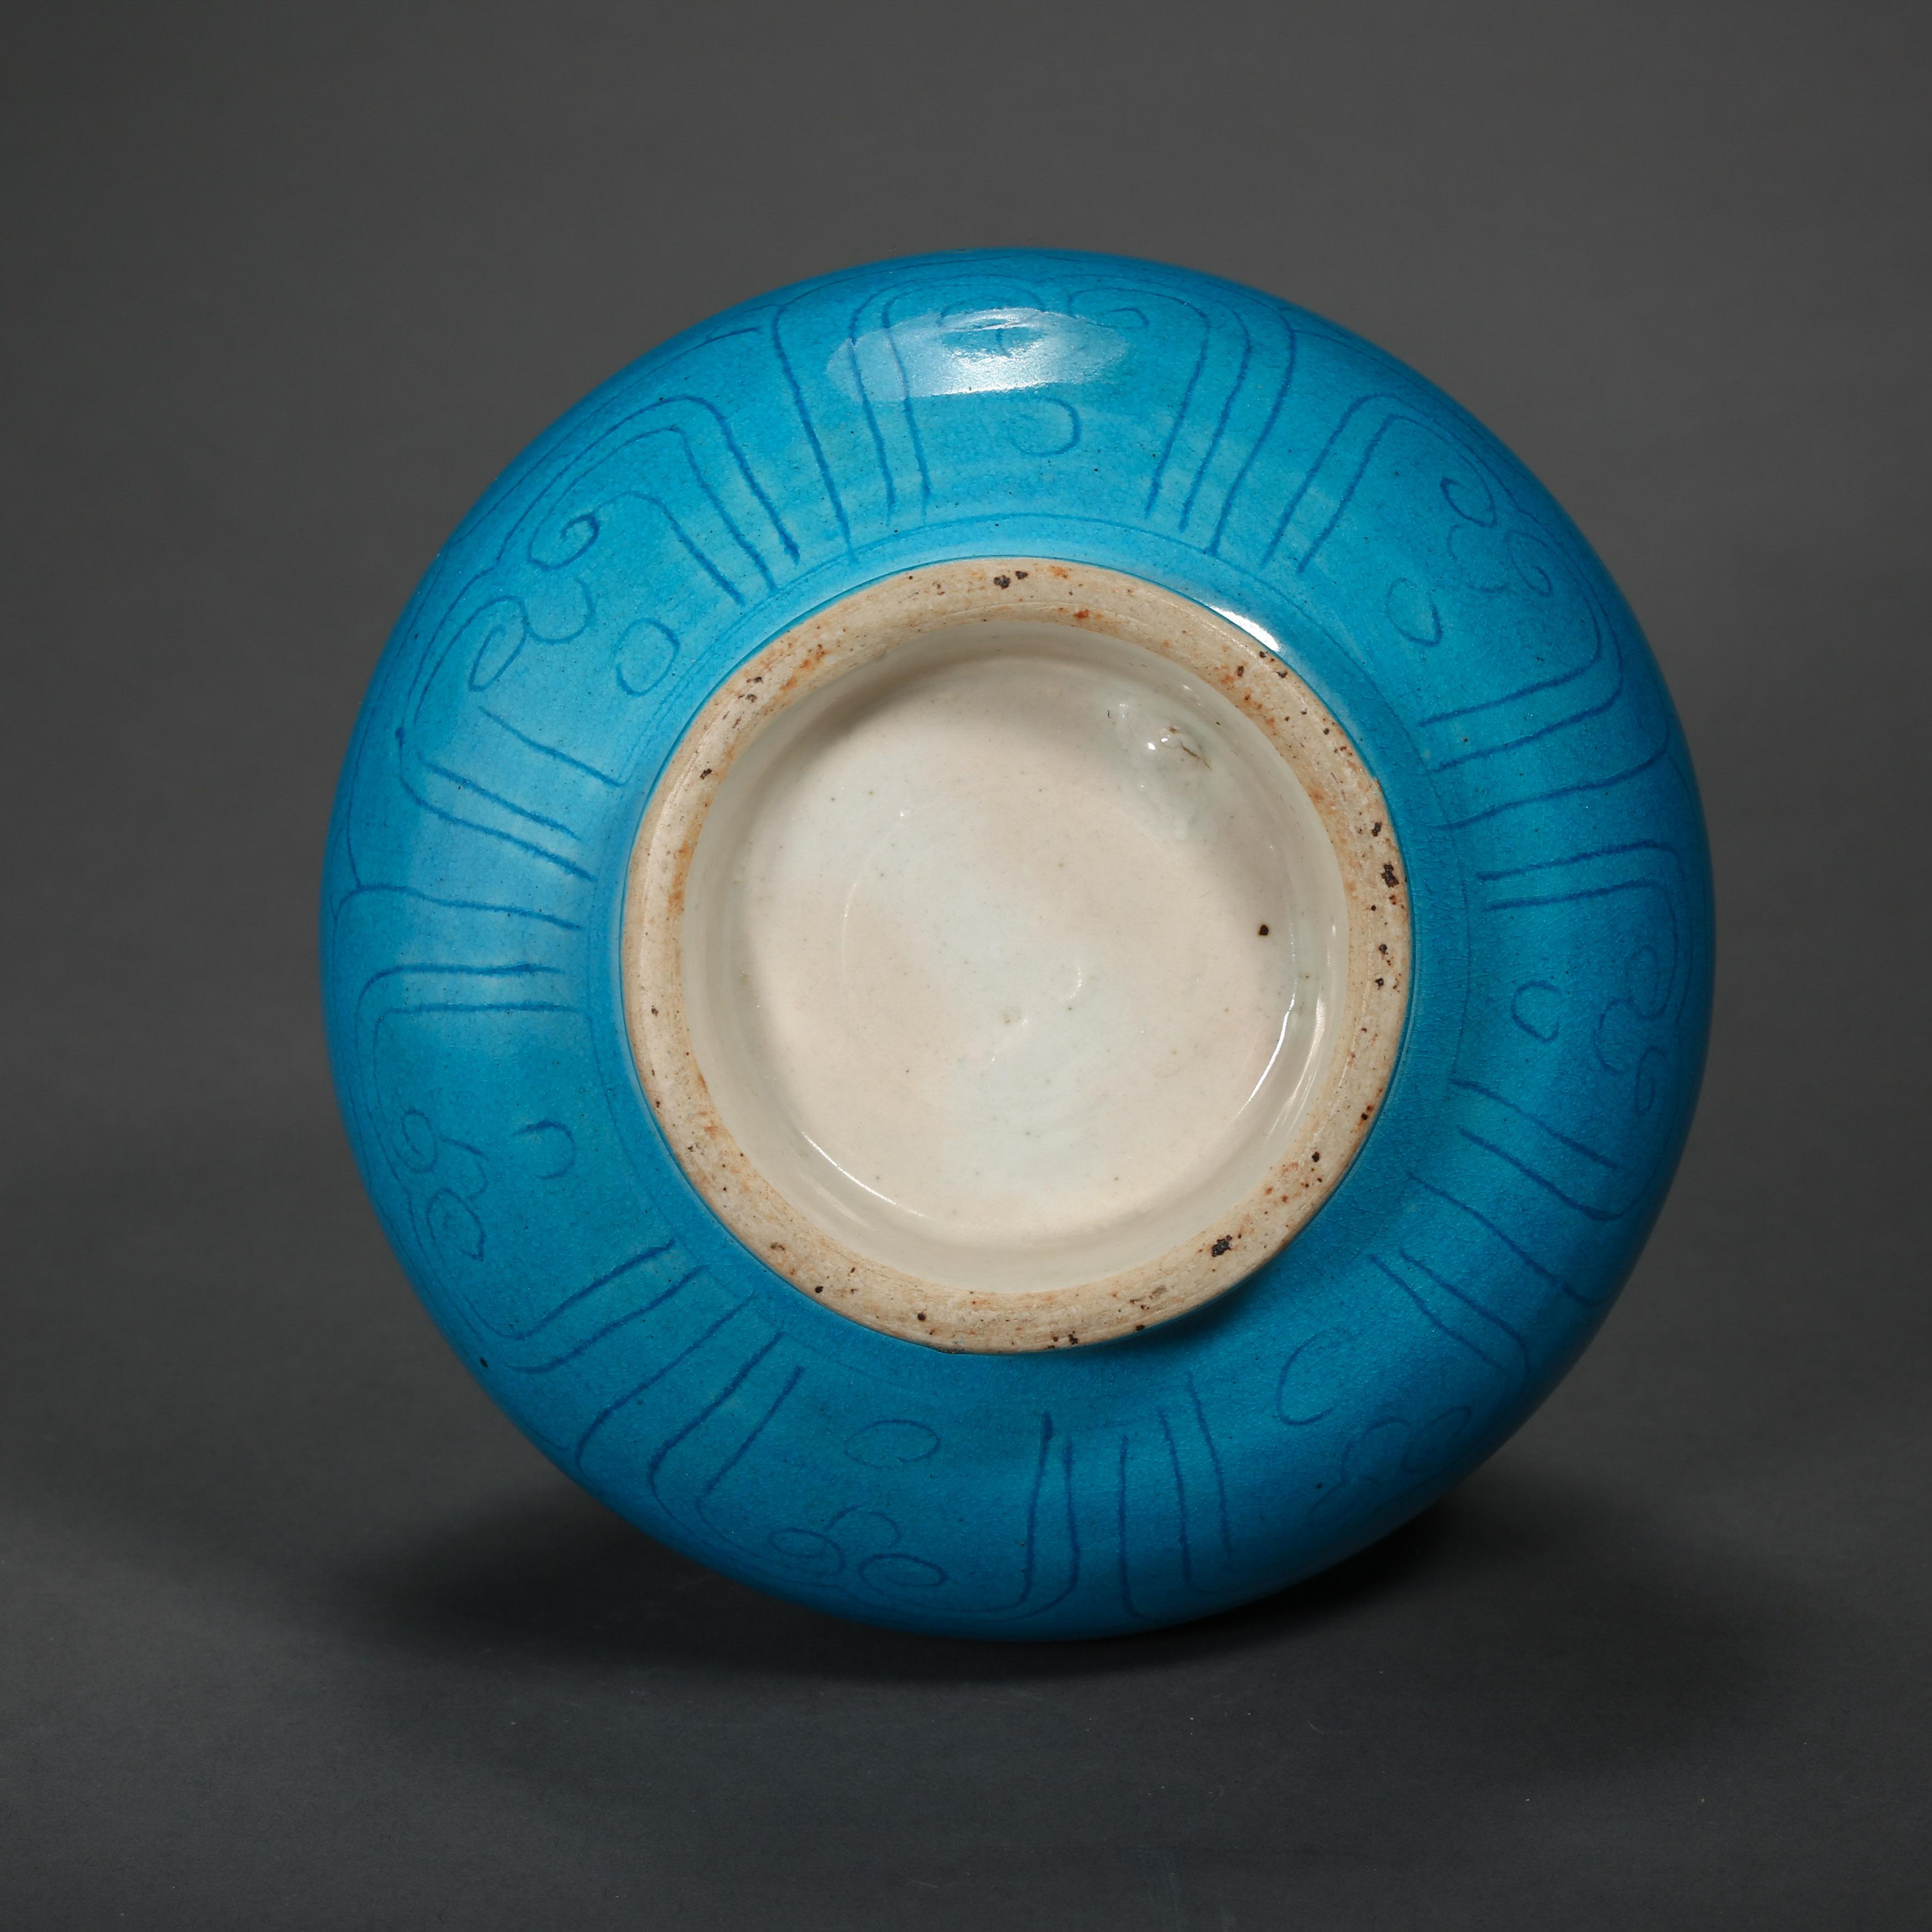 BLUE GLAZED POT, QING DYNASTY, CHINA - Image 8 of 8